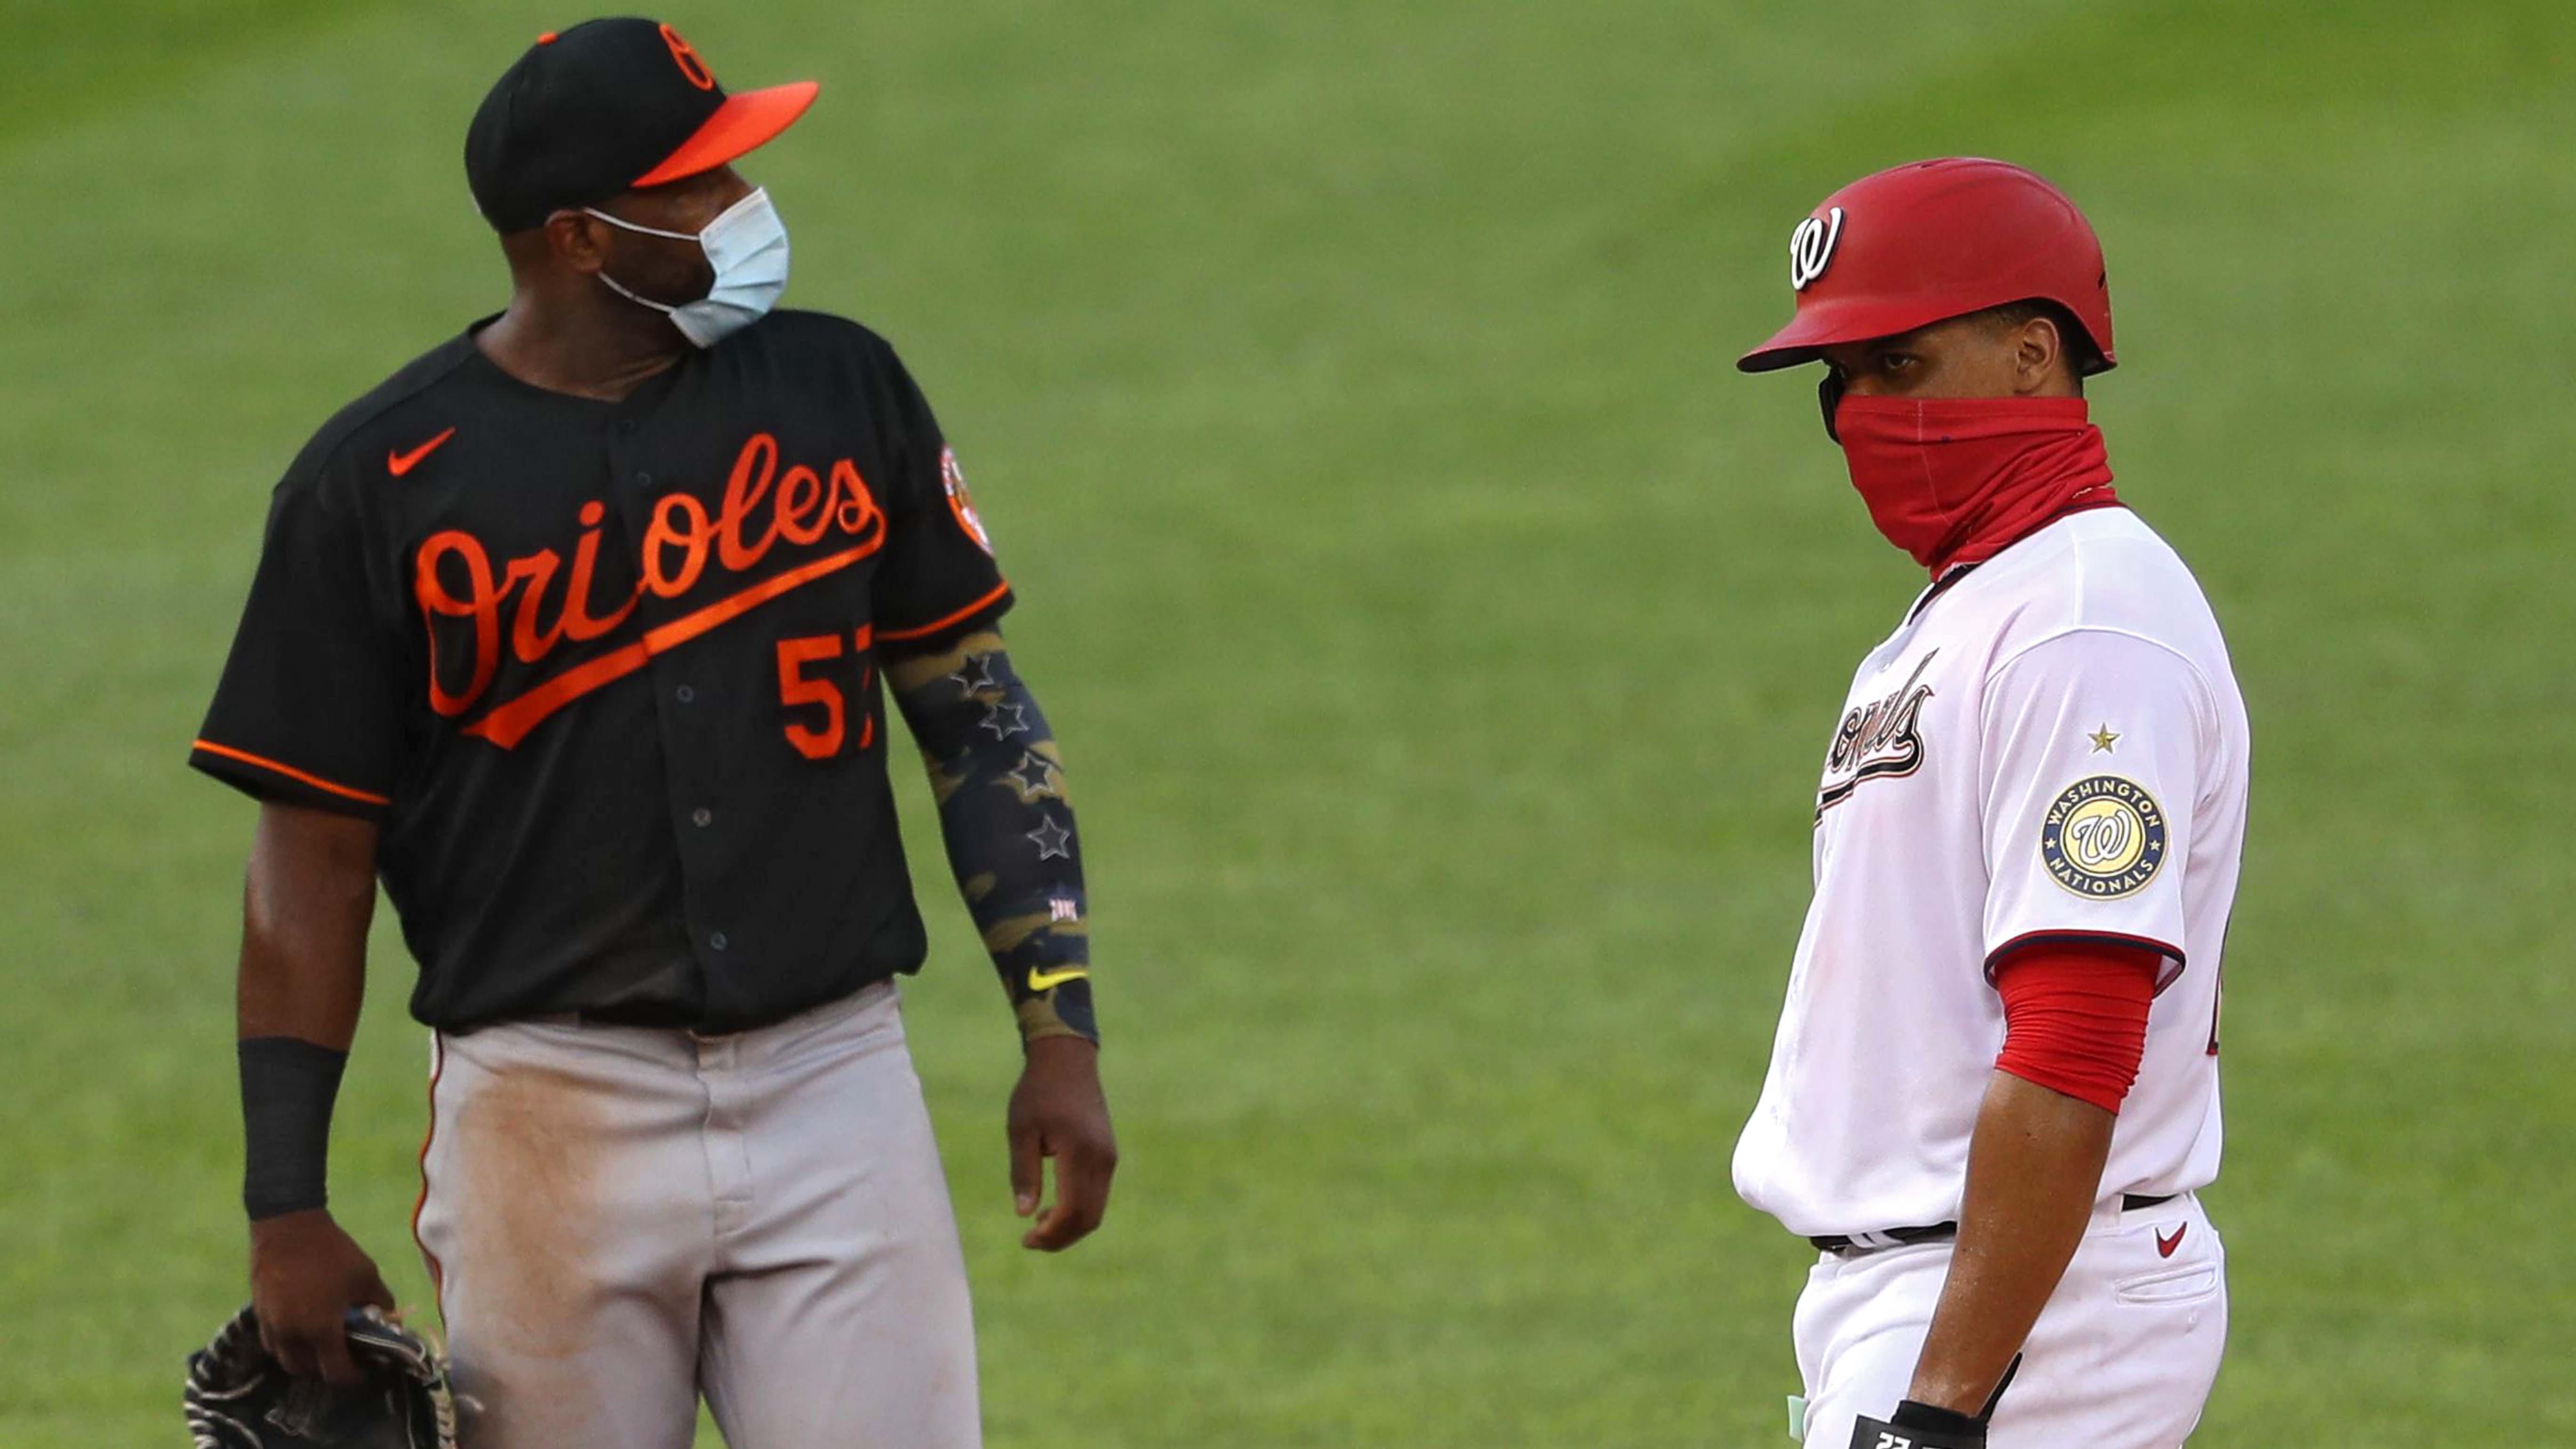 MLB levantara restricciones para jugadores y personal cuando el 85% se vacune